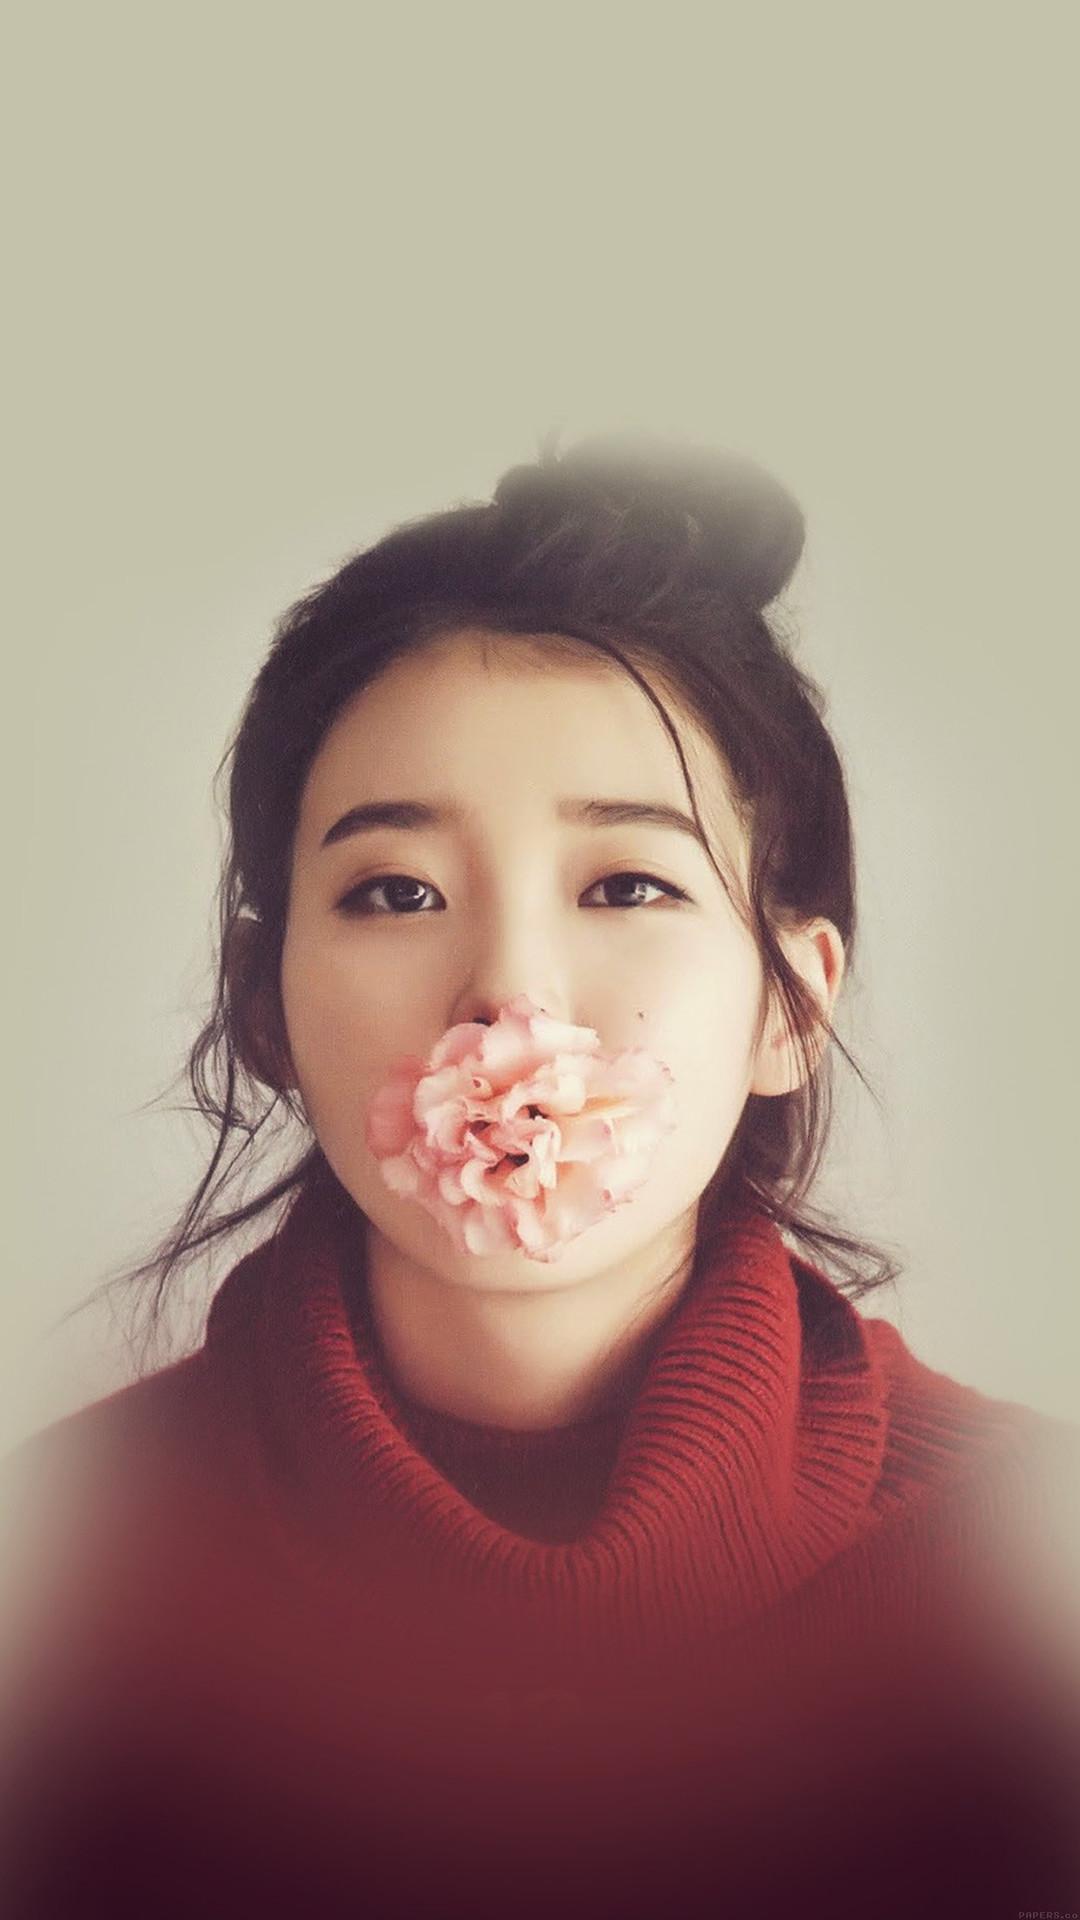 Cute Korean Wallpaper Wallpapertag